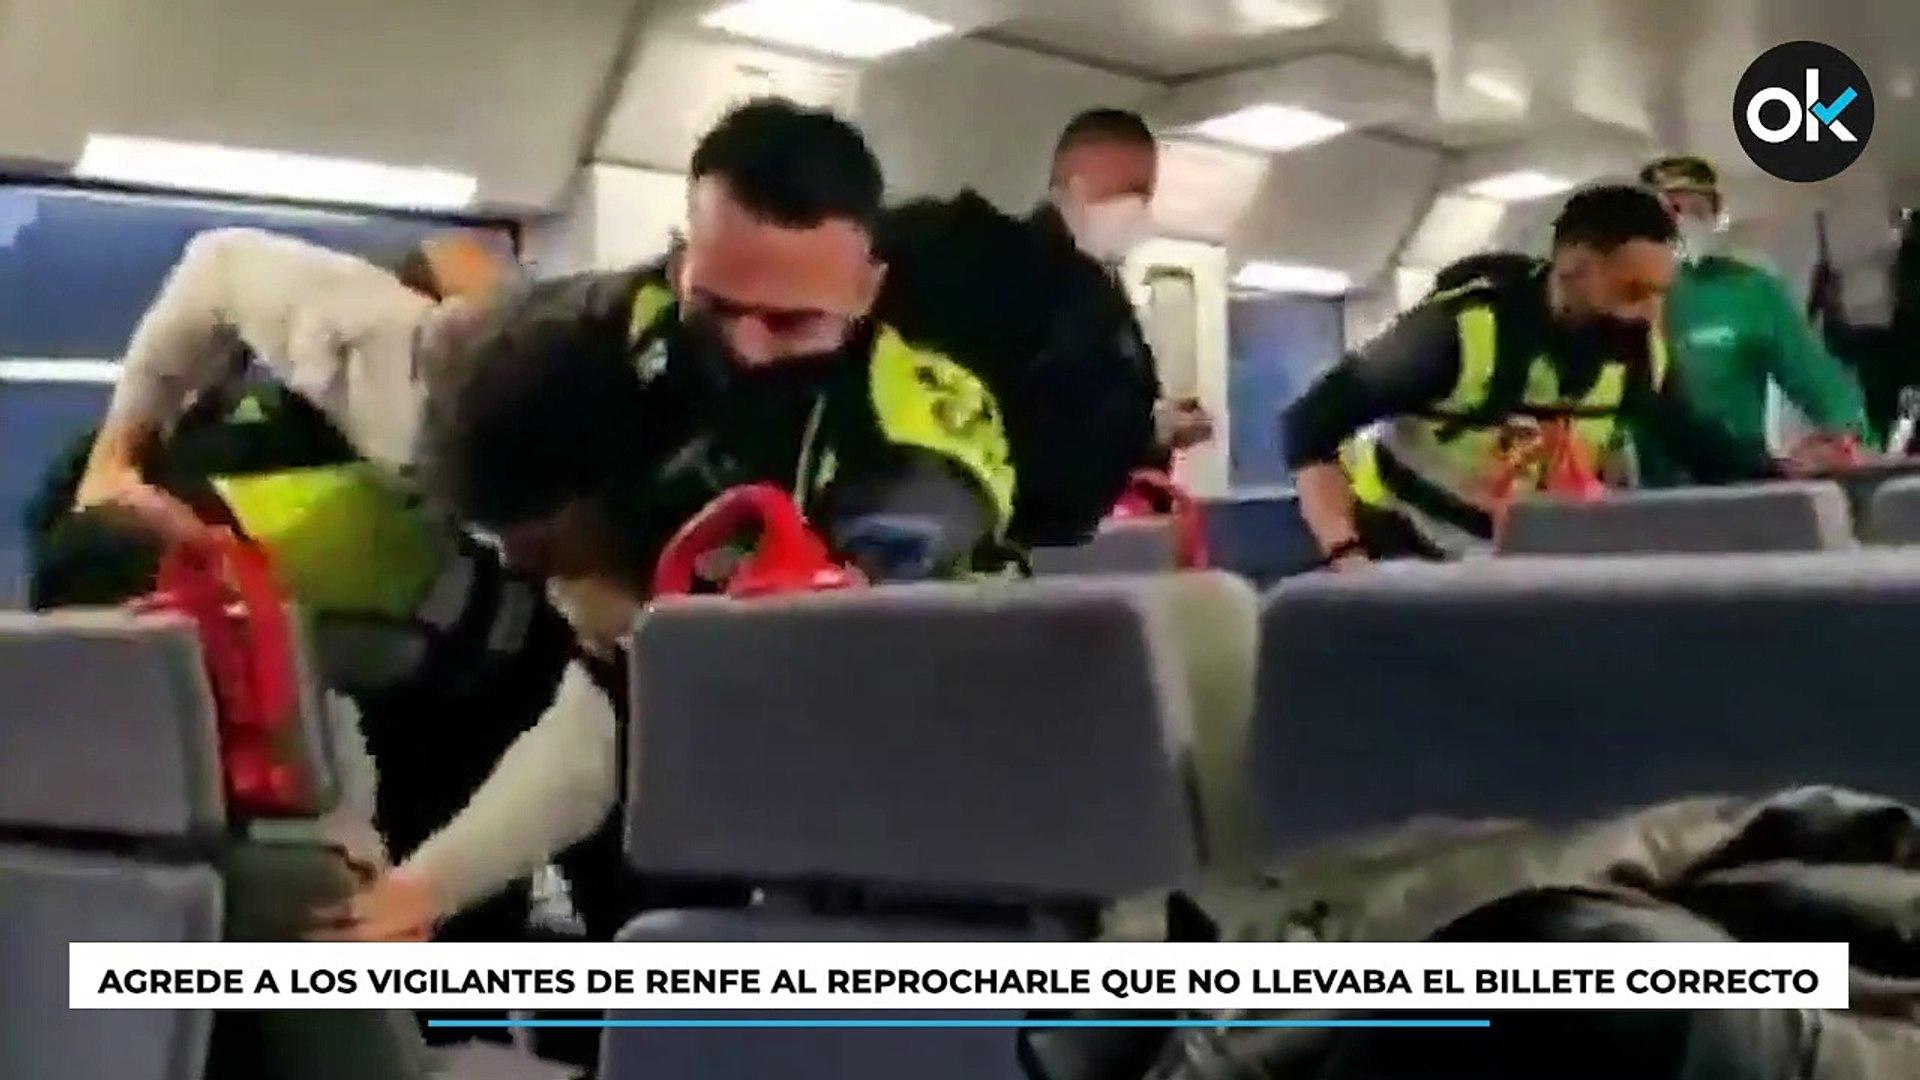 Agrede a los vigilantes de RENFE al reprocharle que no llevaba el billete correcto